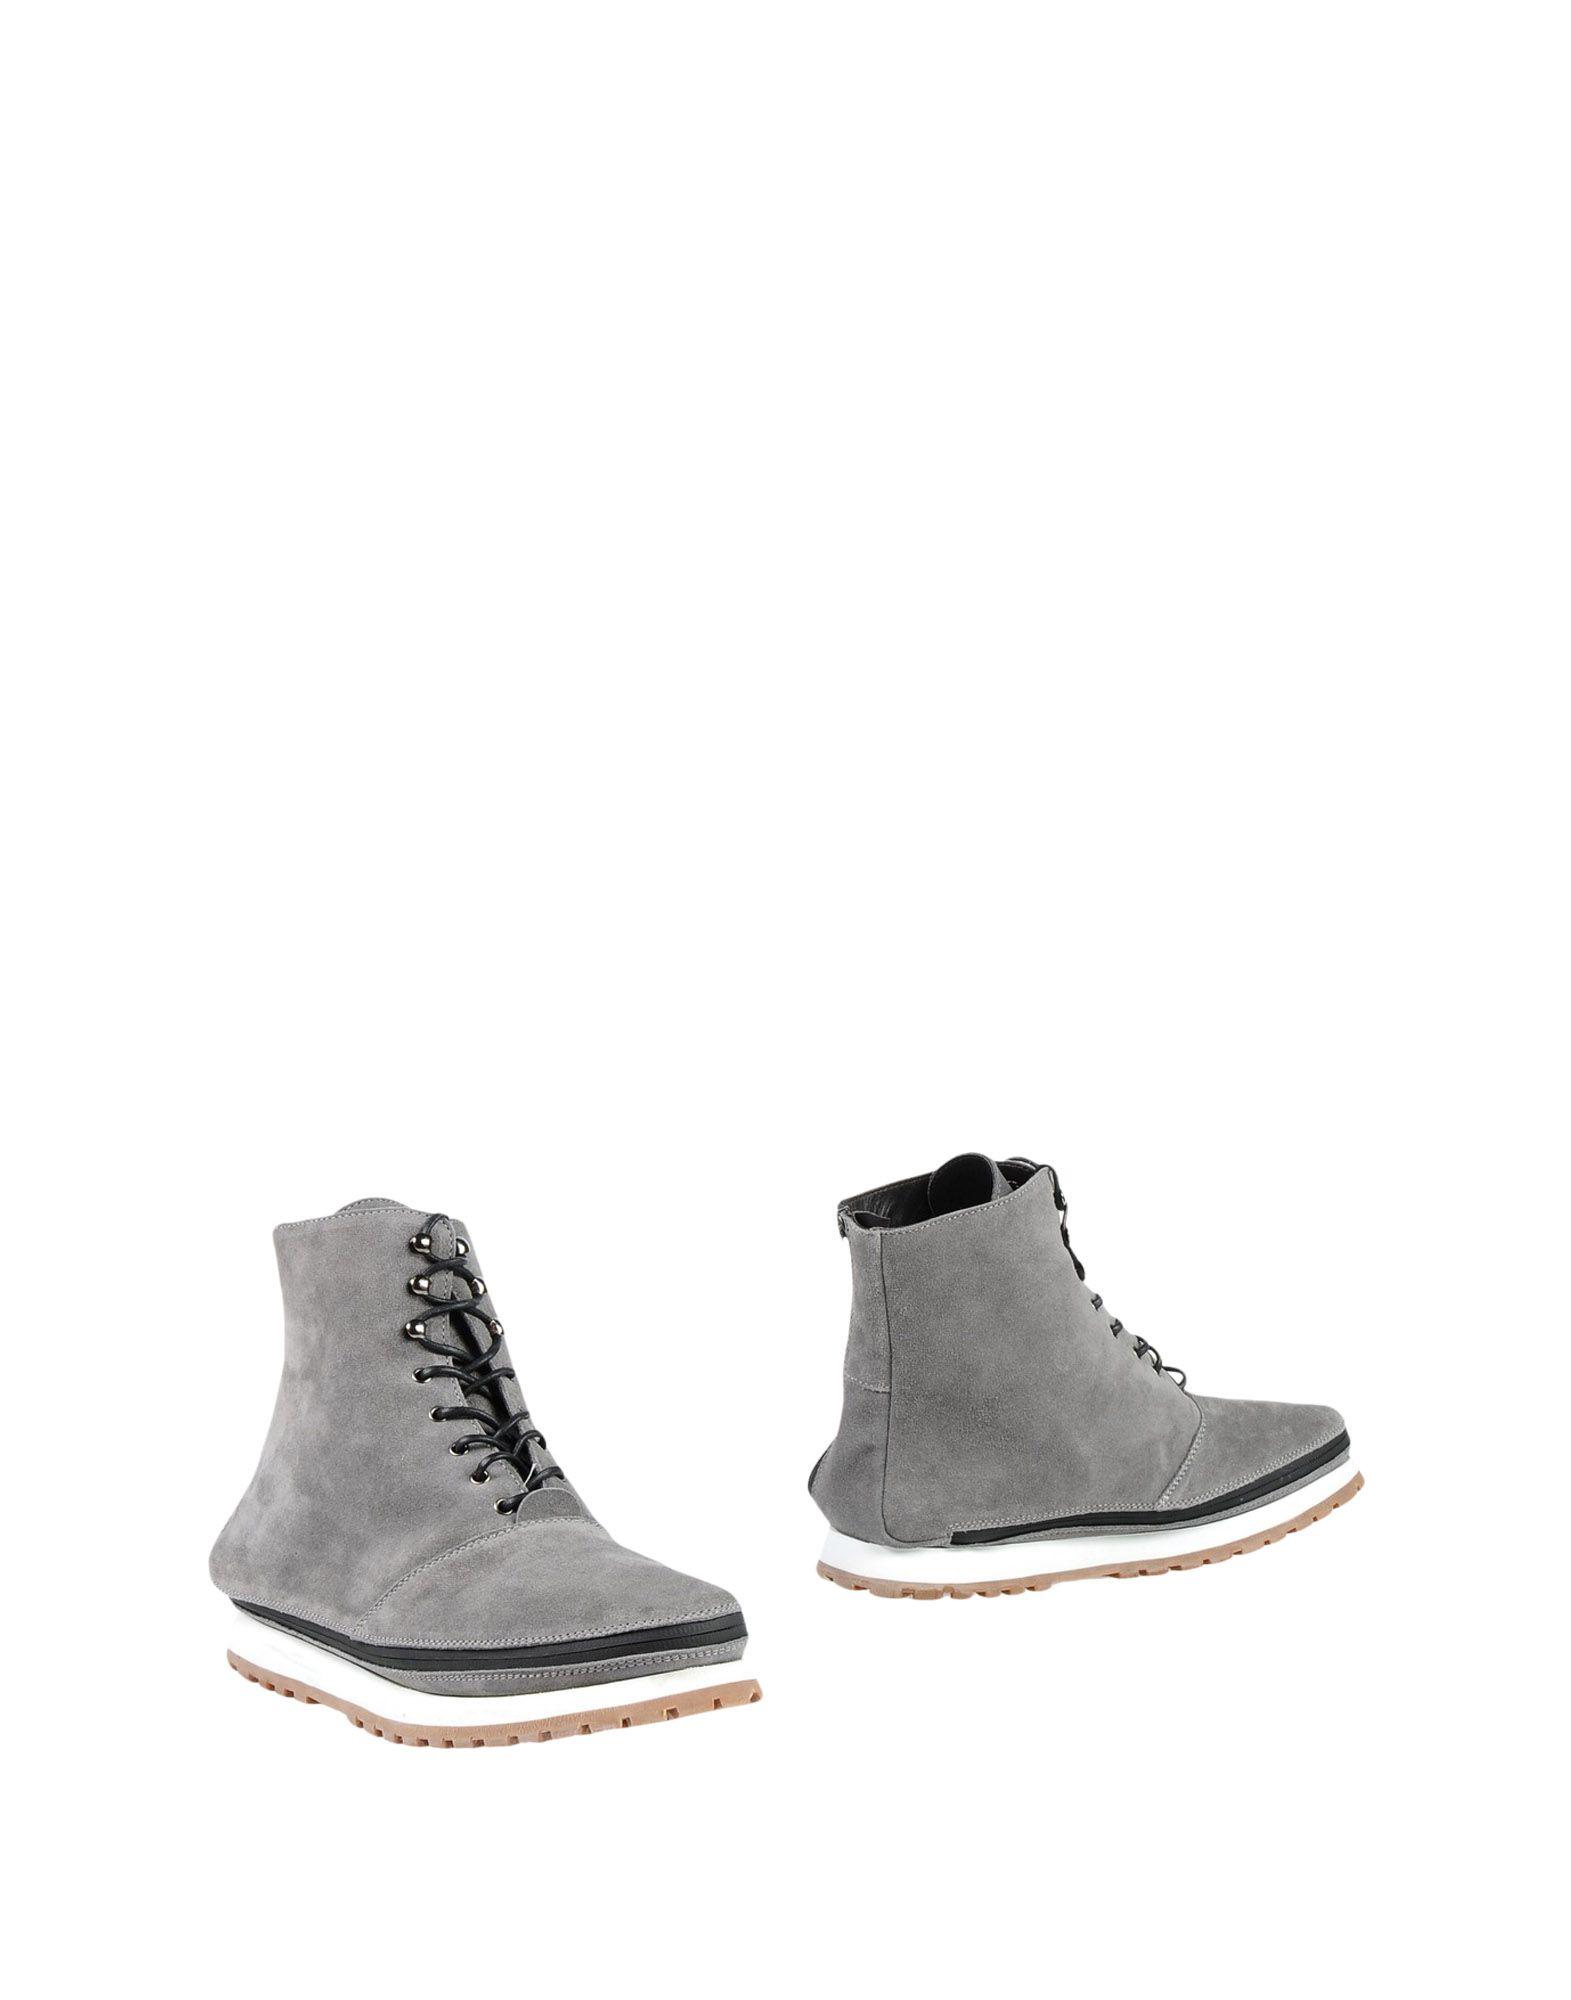 VEESHOO Полусапоги и высокие ботинки цены онлайн